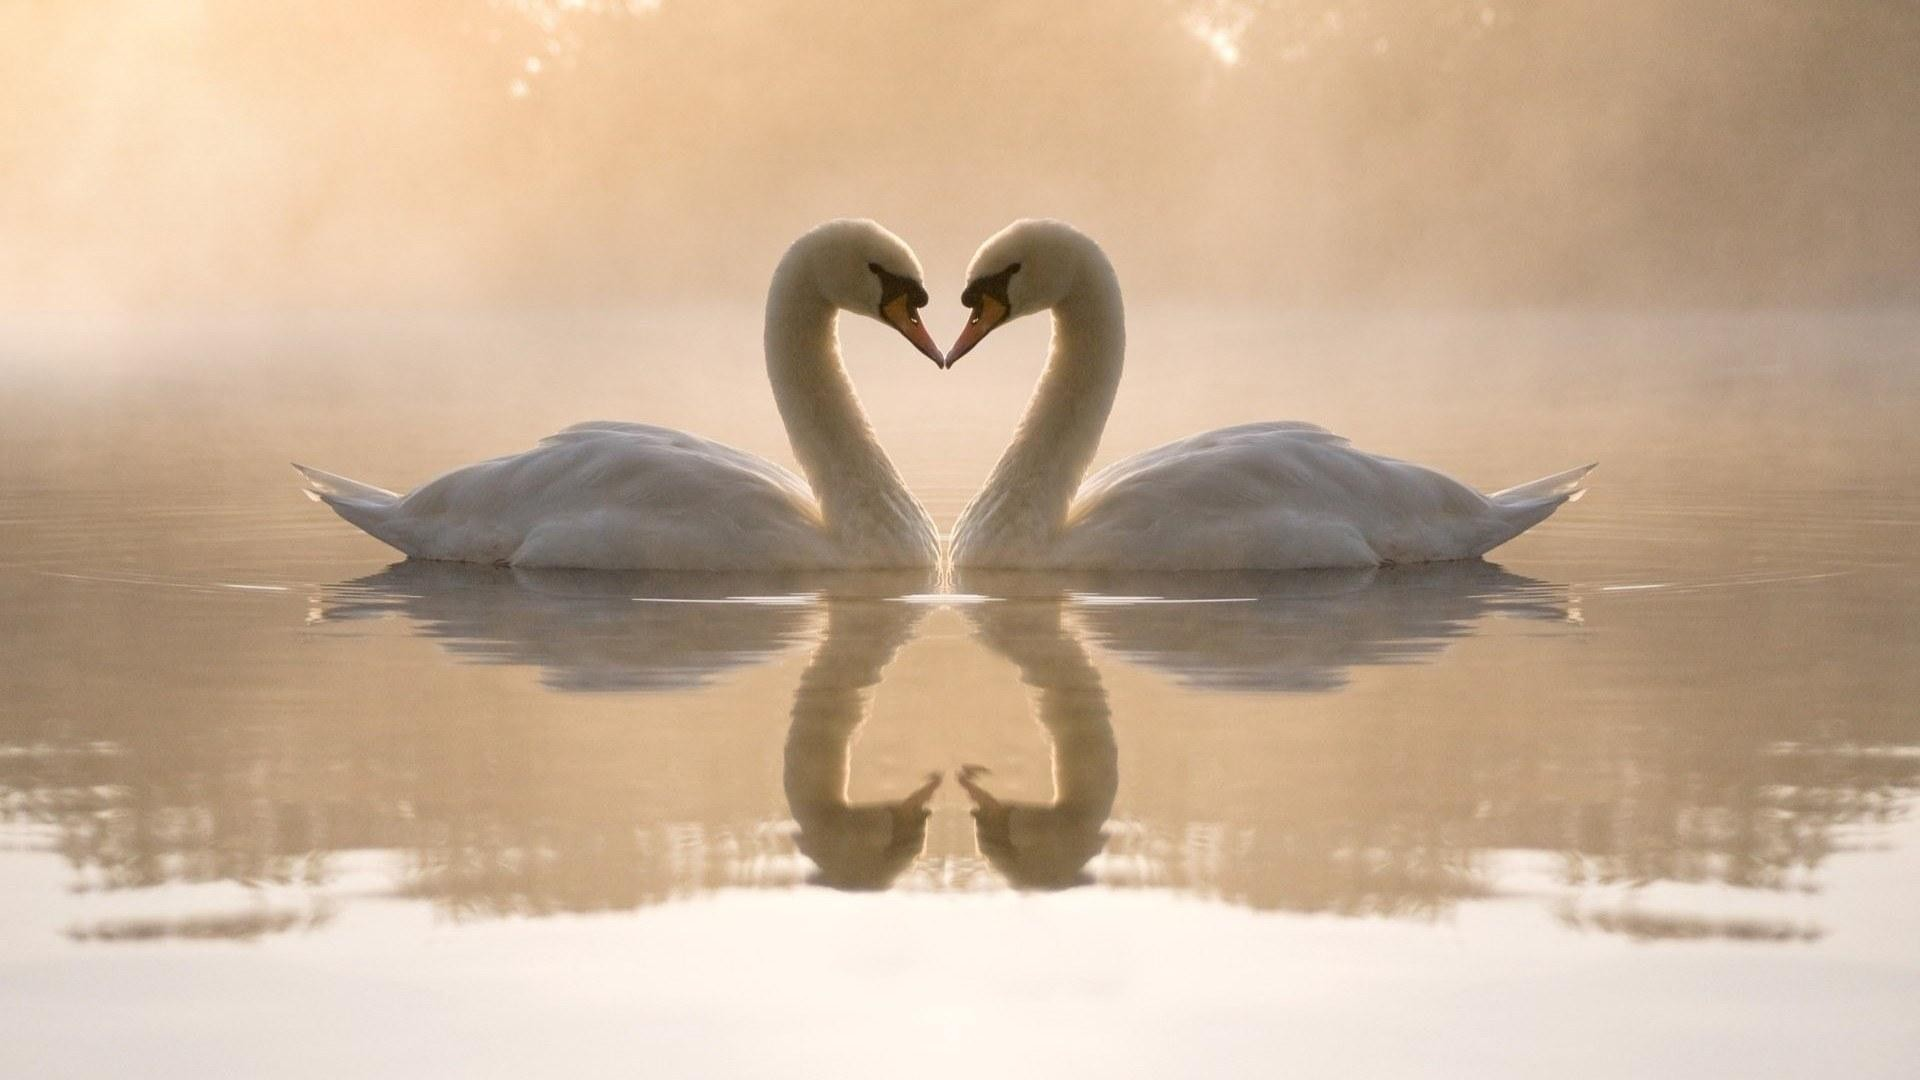 Swan screen wallpaper